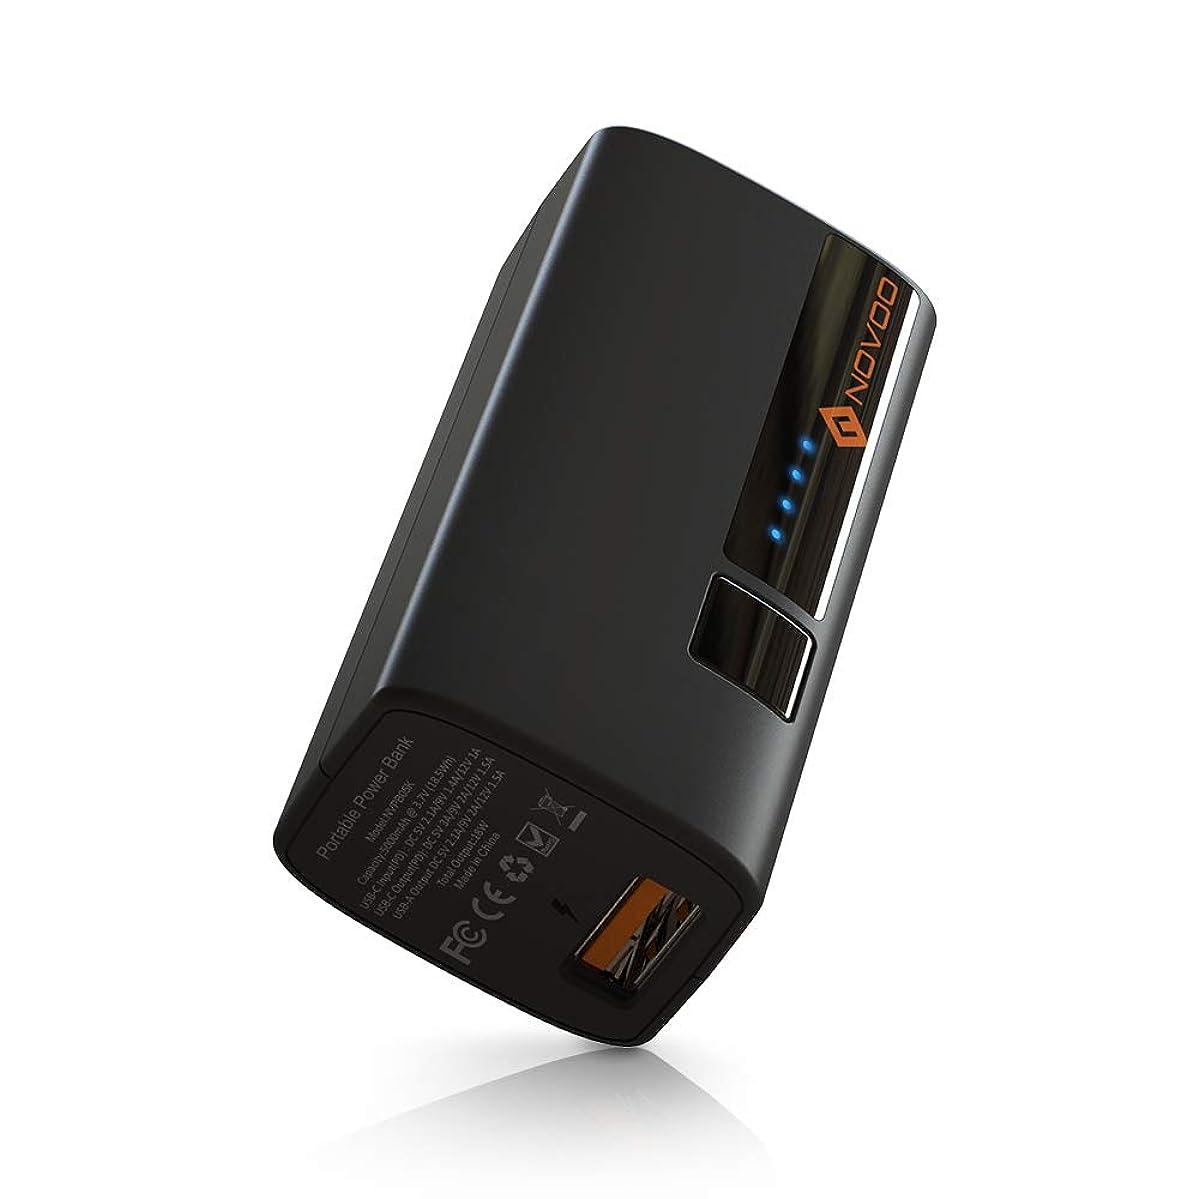 永久に足矢じりNovoo PowerCube 5000 mAh モバイルバッテリー 軽量 超小型 18W出力 PD対応 急速充電 USB出力 Type-C出力 薄型 USBスマホ iPhone/iPad/Android等対応 (5000mAh)